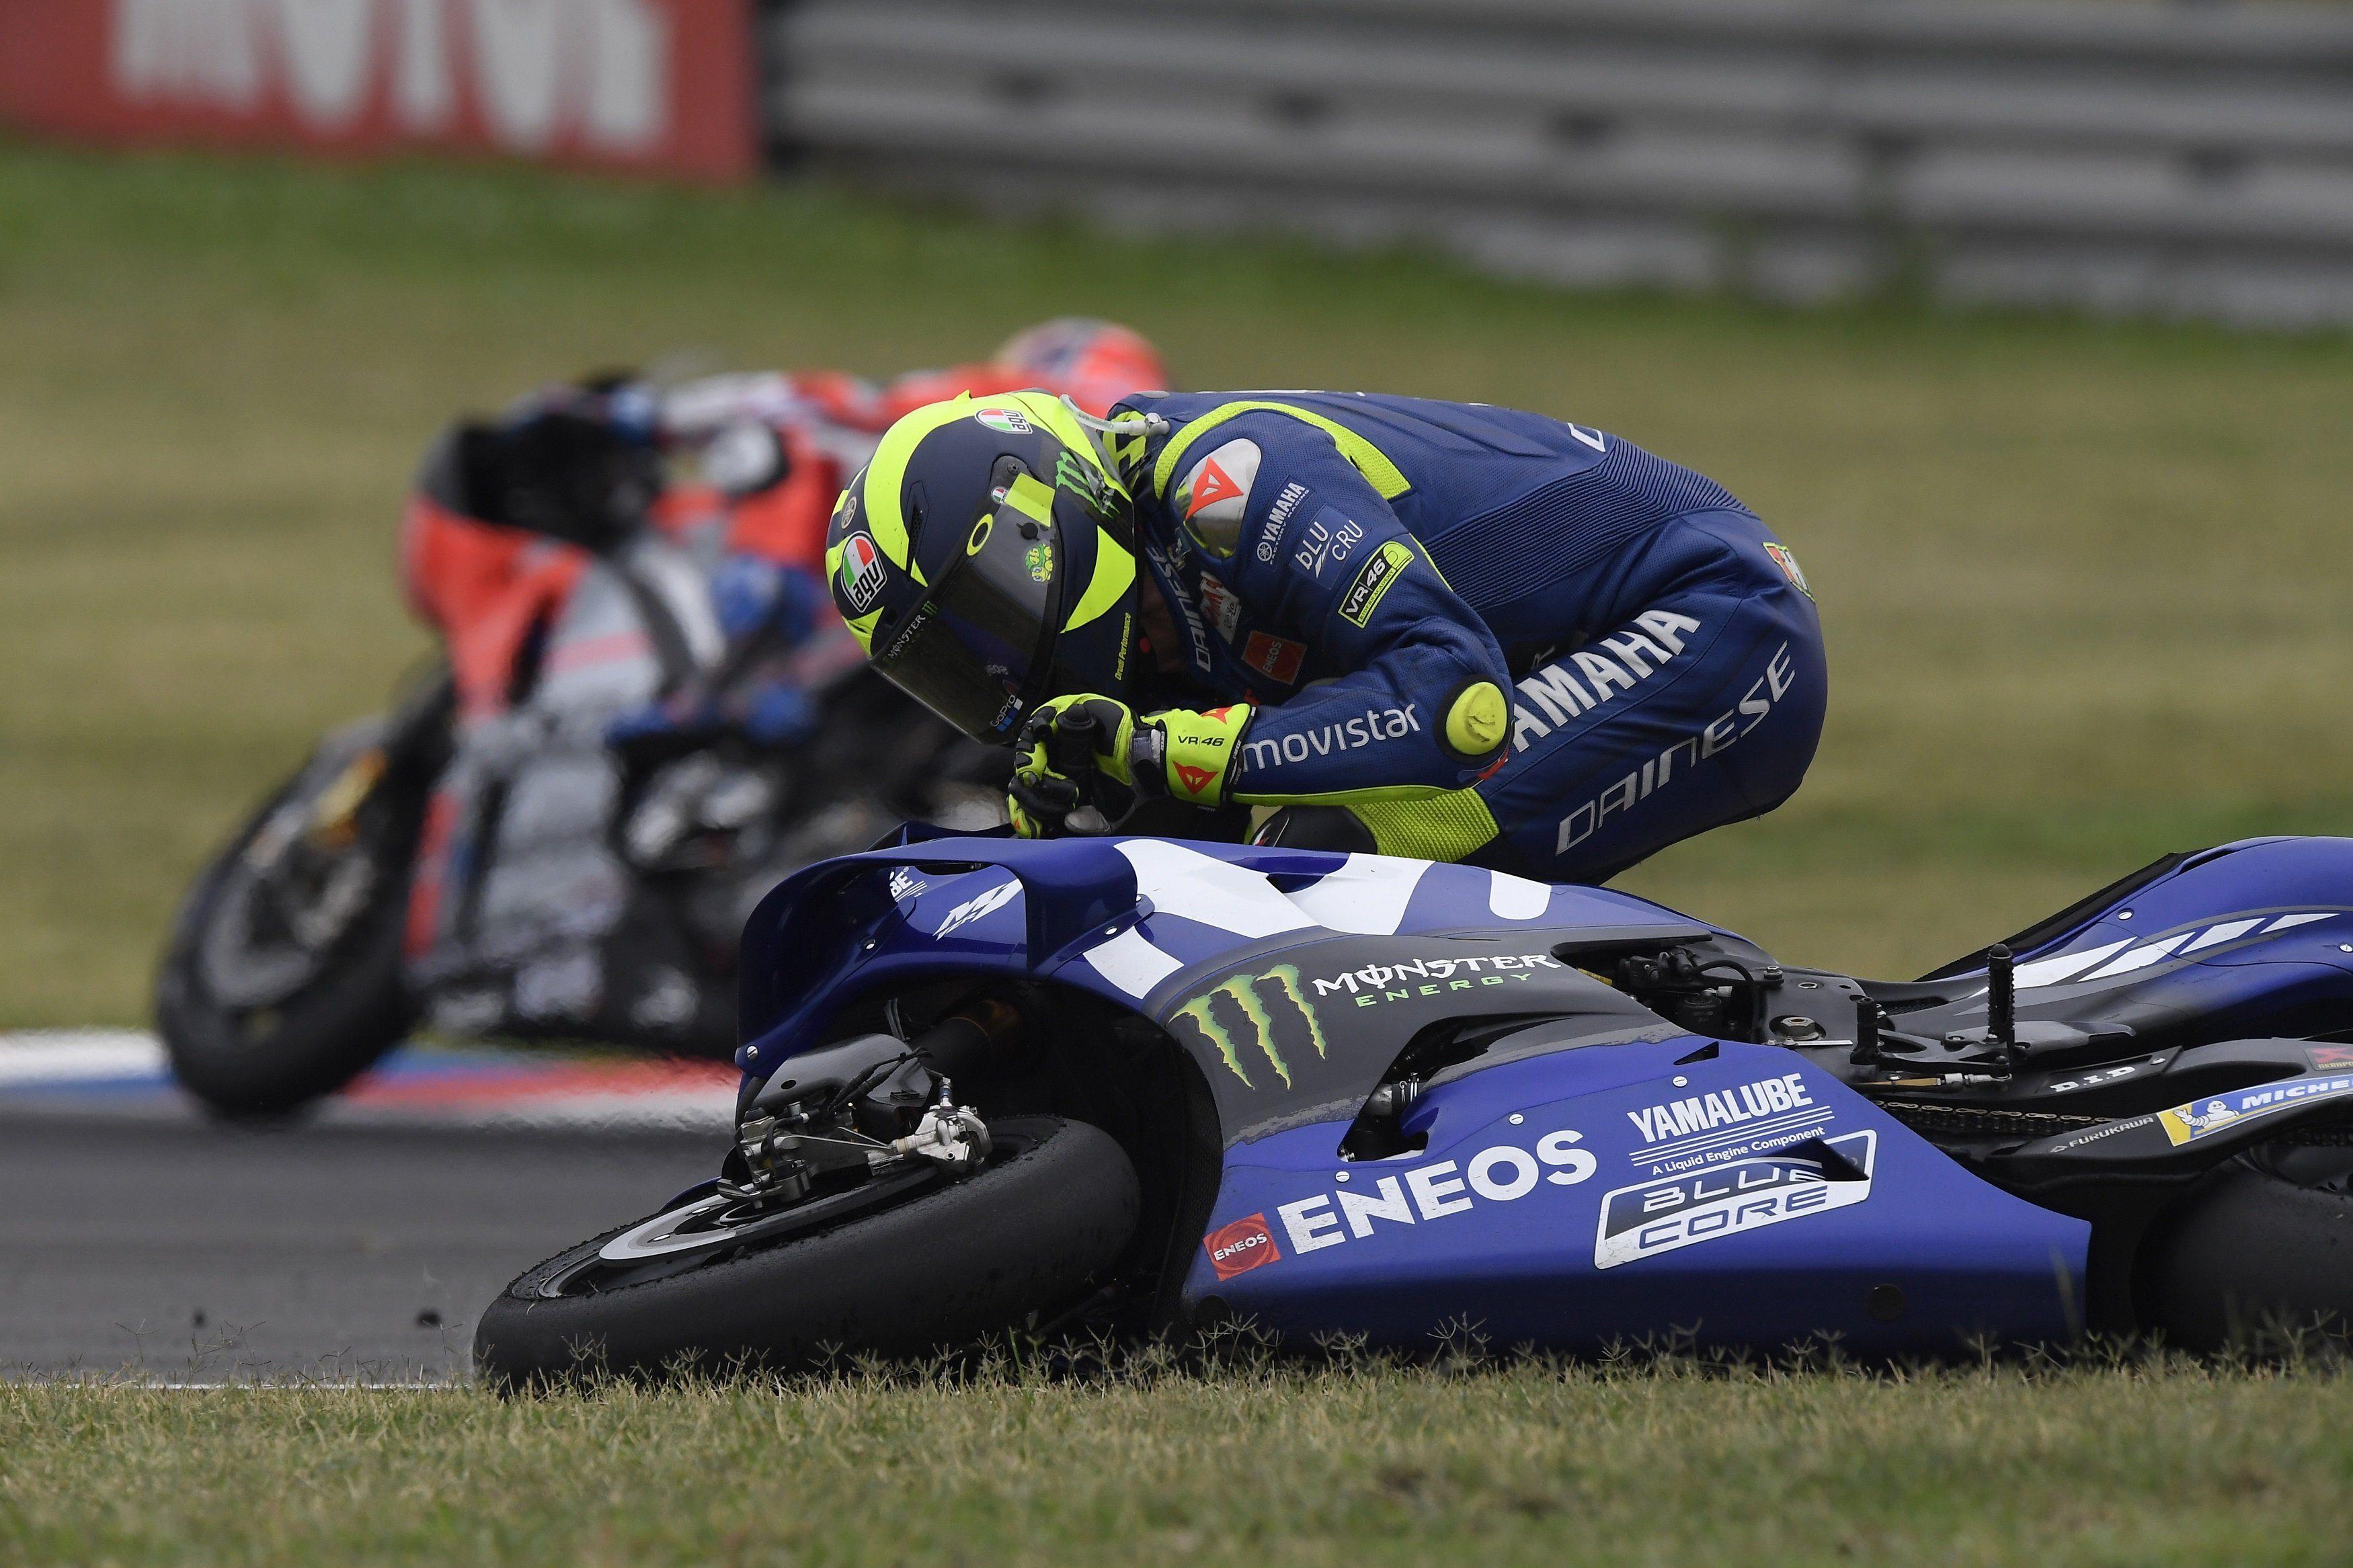 MotoGP, la Yamaha non presenta nessun reclamo ufficiale